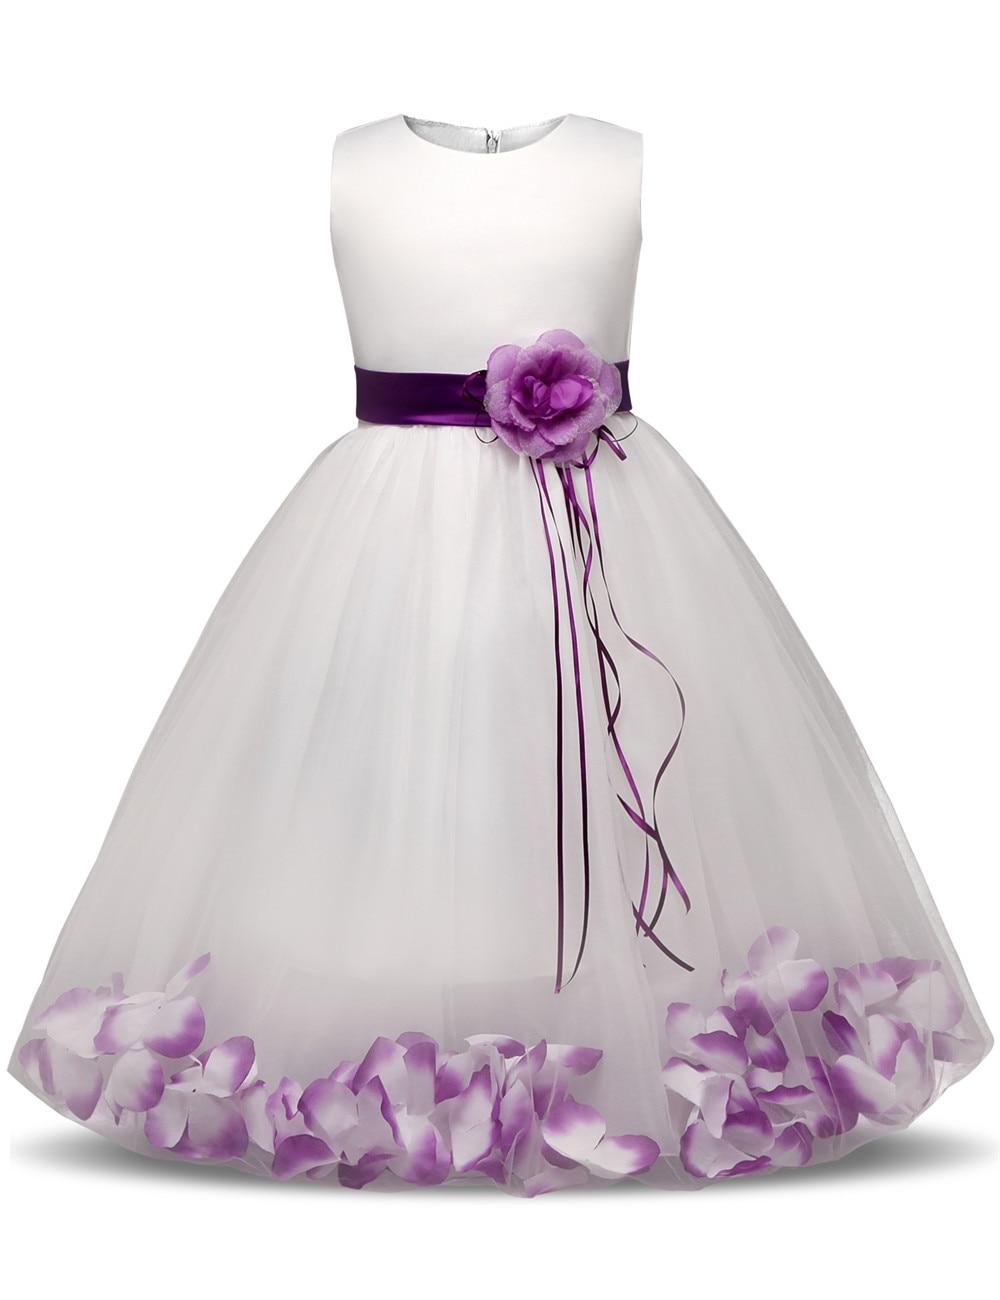 Платье с цветочным узором для девочек летняя одежда для девочек 2018 для маленьких девочек свадебная фата Платья для женщин детская праздничная одежда костюм для детская одежда для девочек